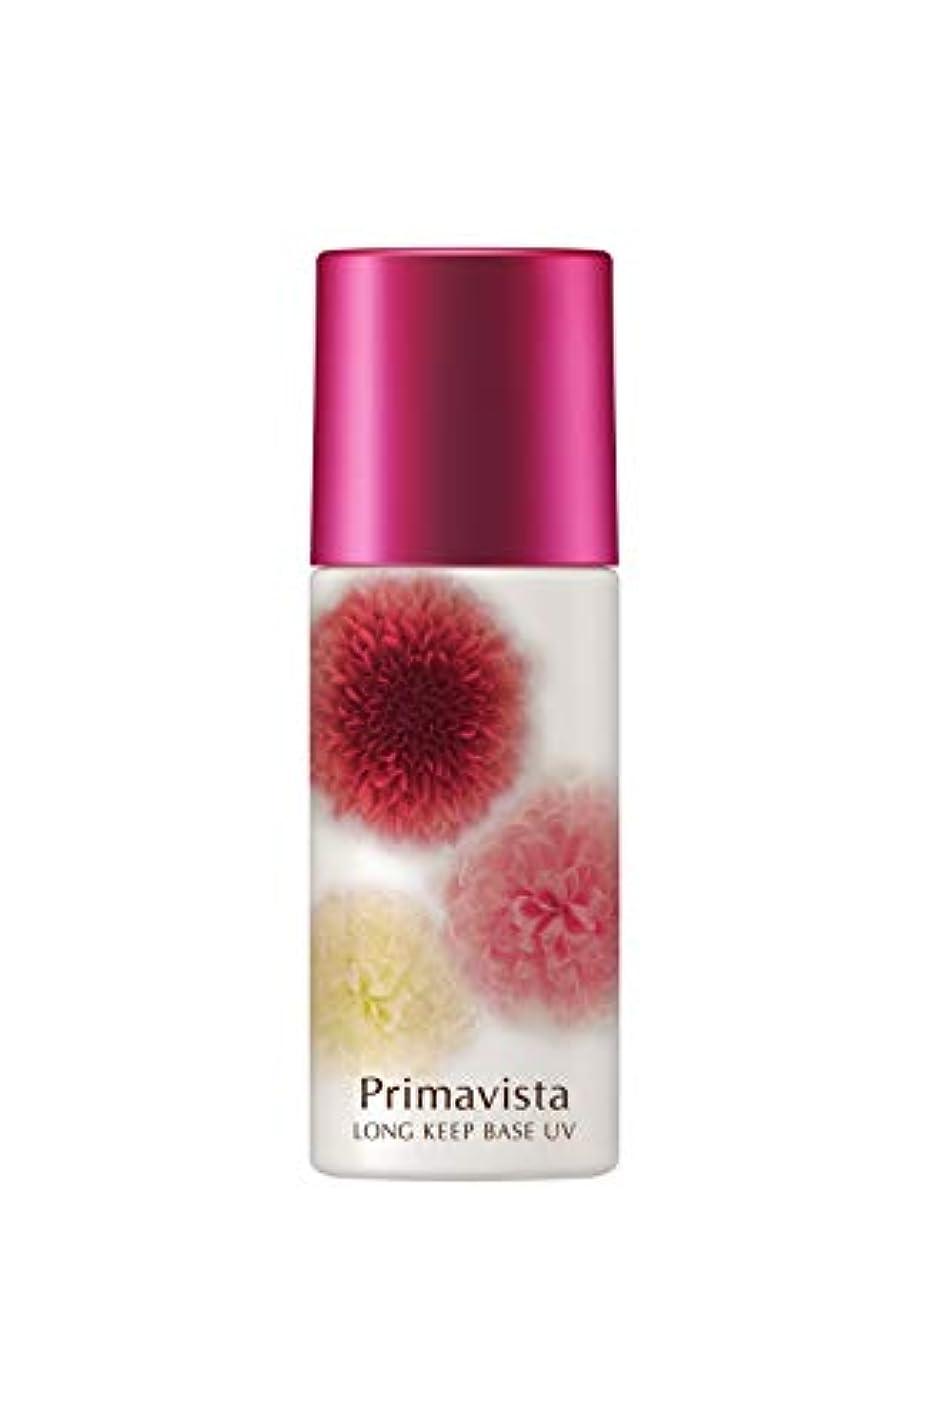 出口余裕があるつぼみプリマヴィスタ 皮脂くずれ防止化粧下地UV 限定デザイン